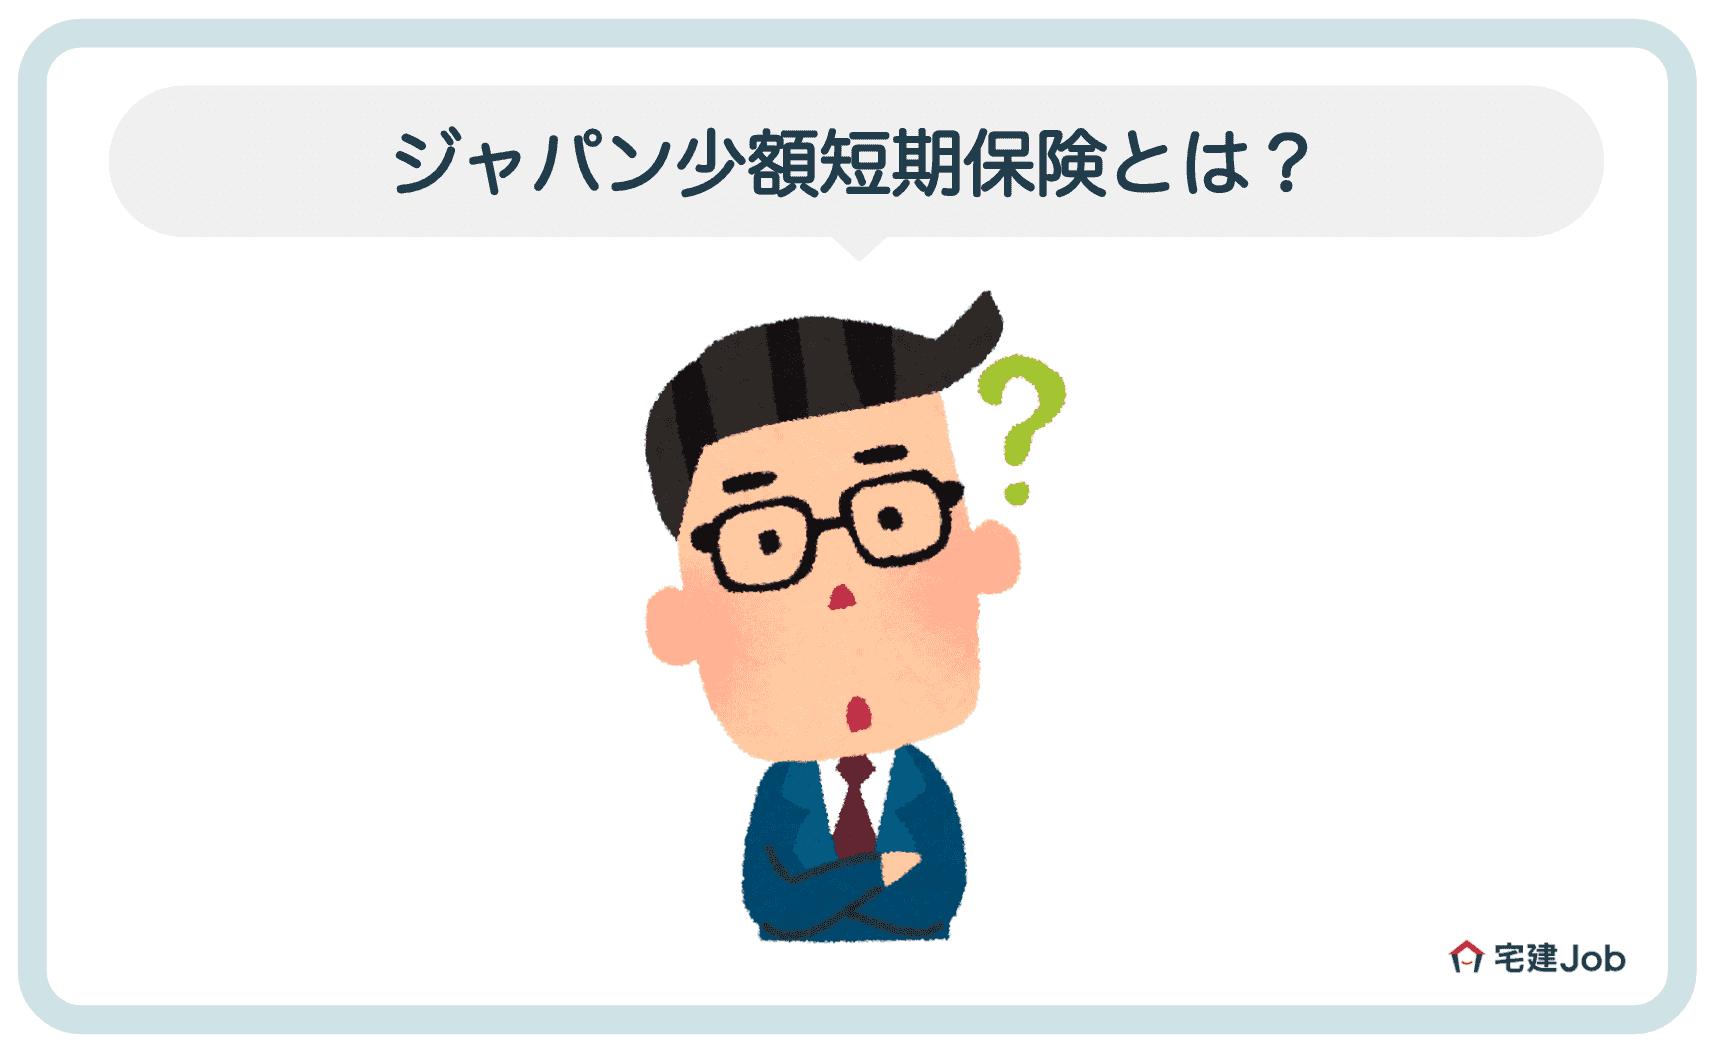 1.ジャパン少額短期保険とは?